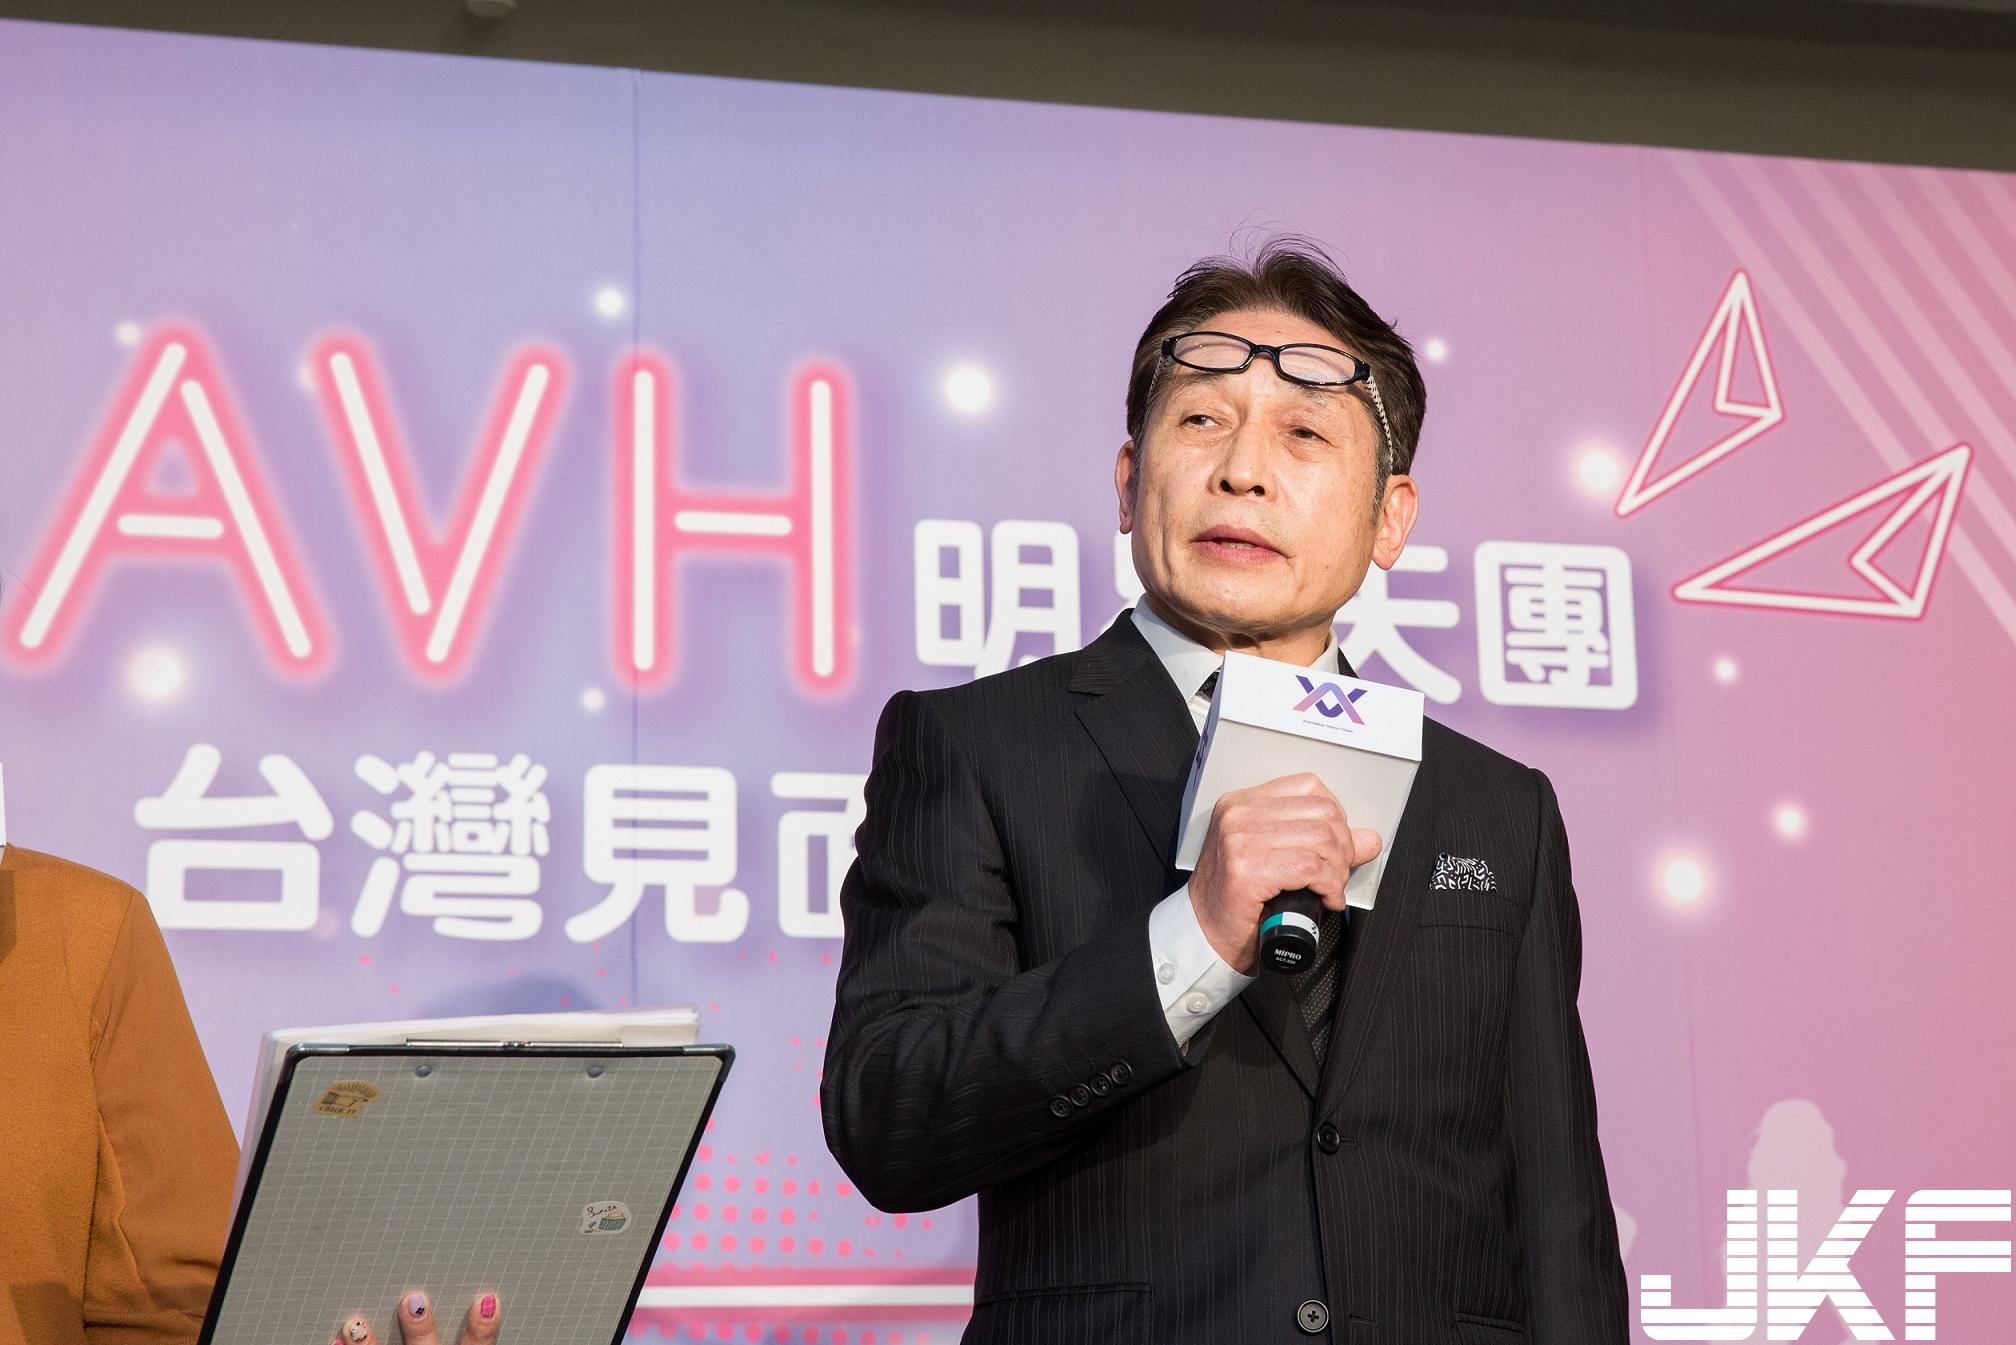 【0206 新聞稿附圖一】AVH合夥人、日本NIPPORI GIFT日暮里株式會社社長奧伸雄.jpg.jpg